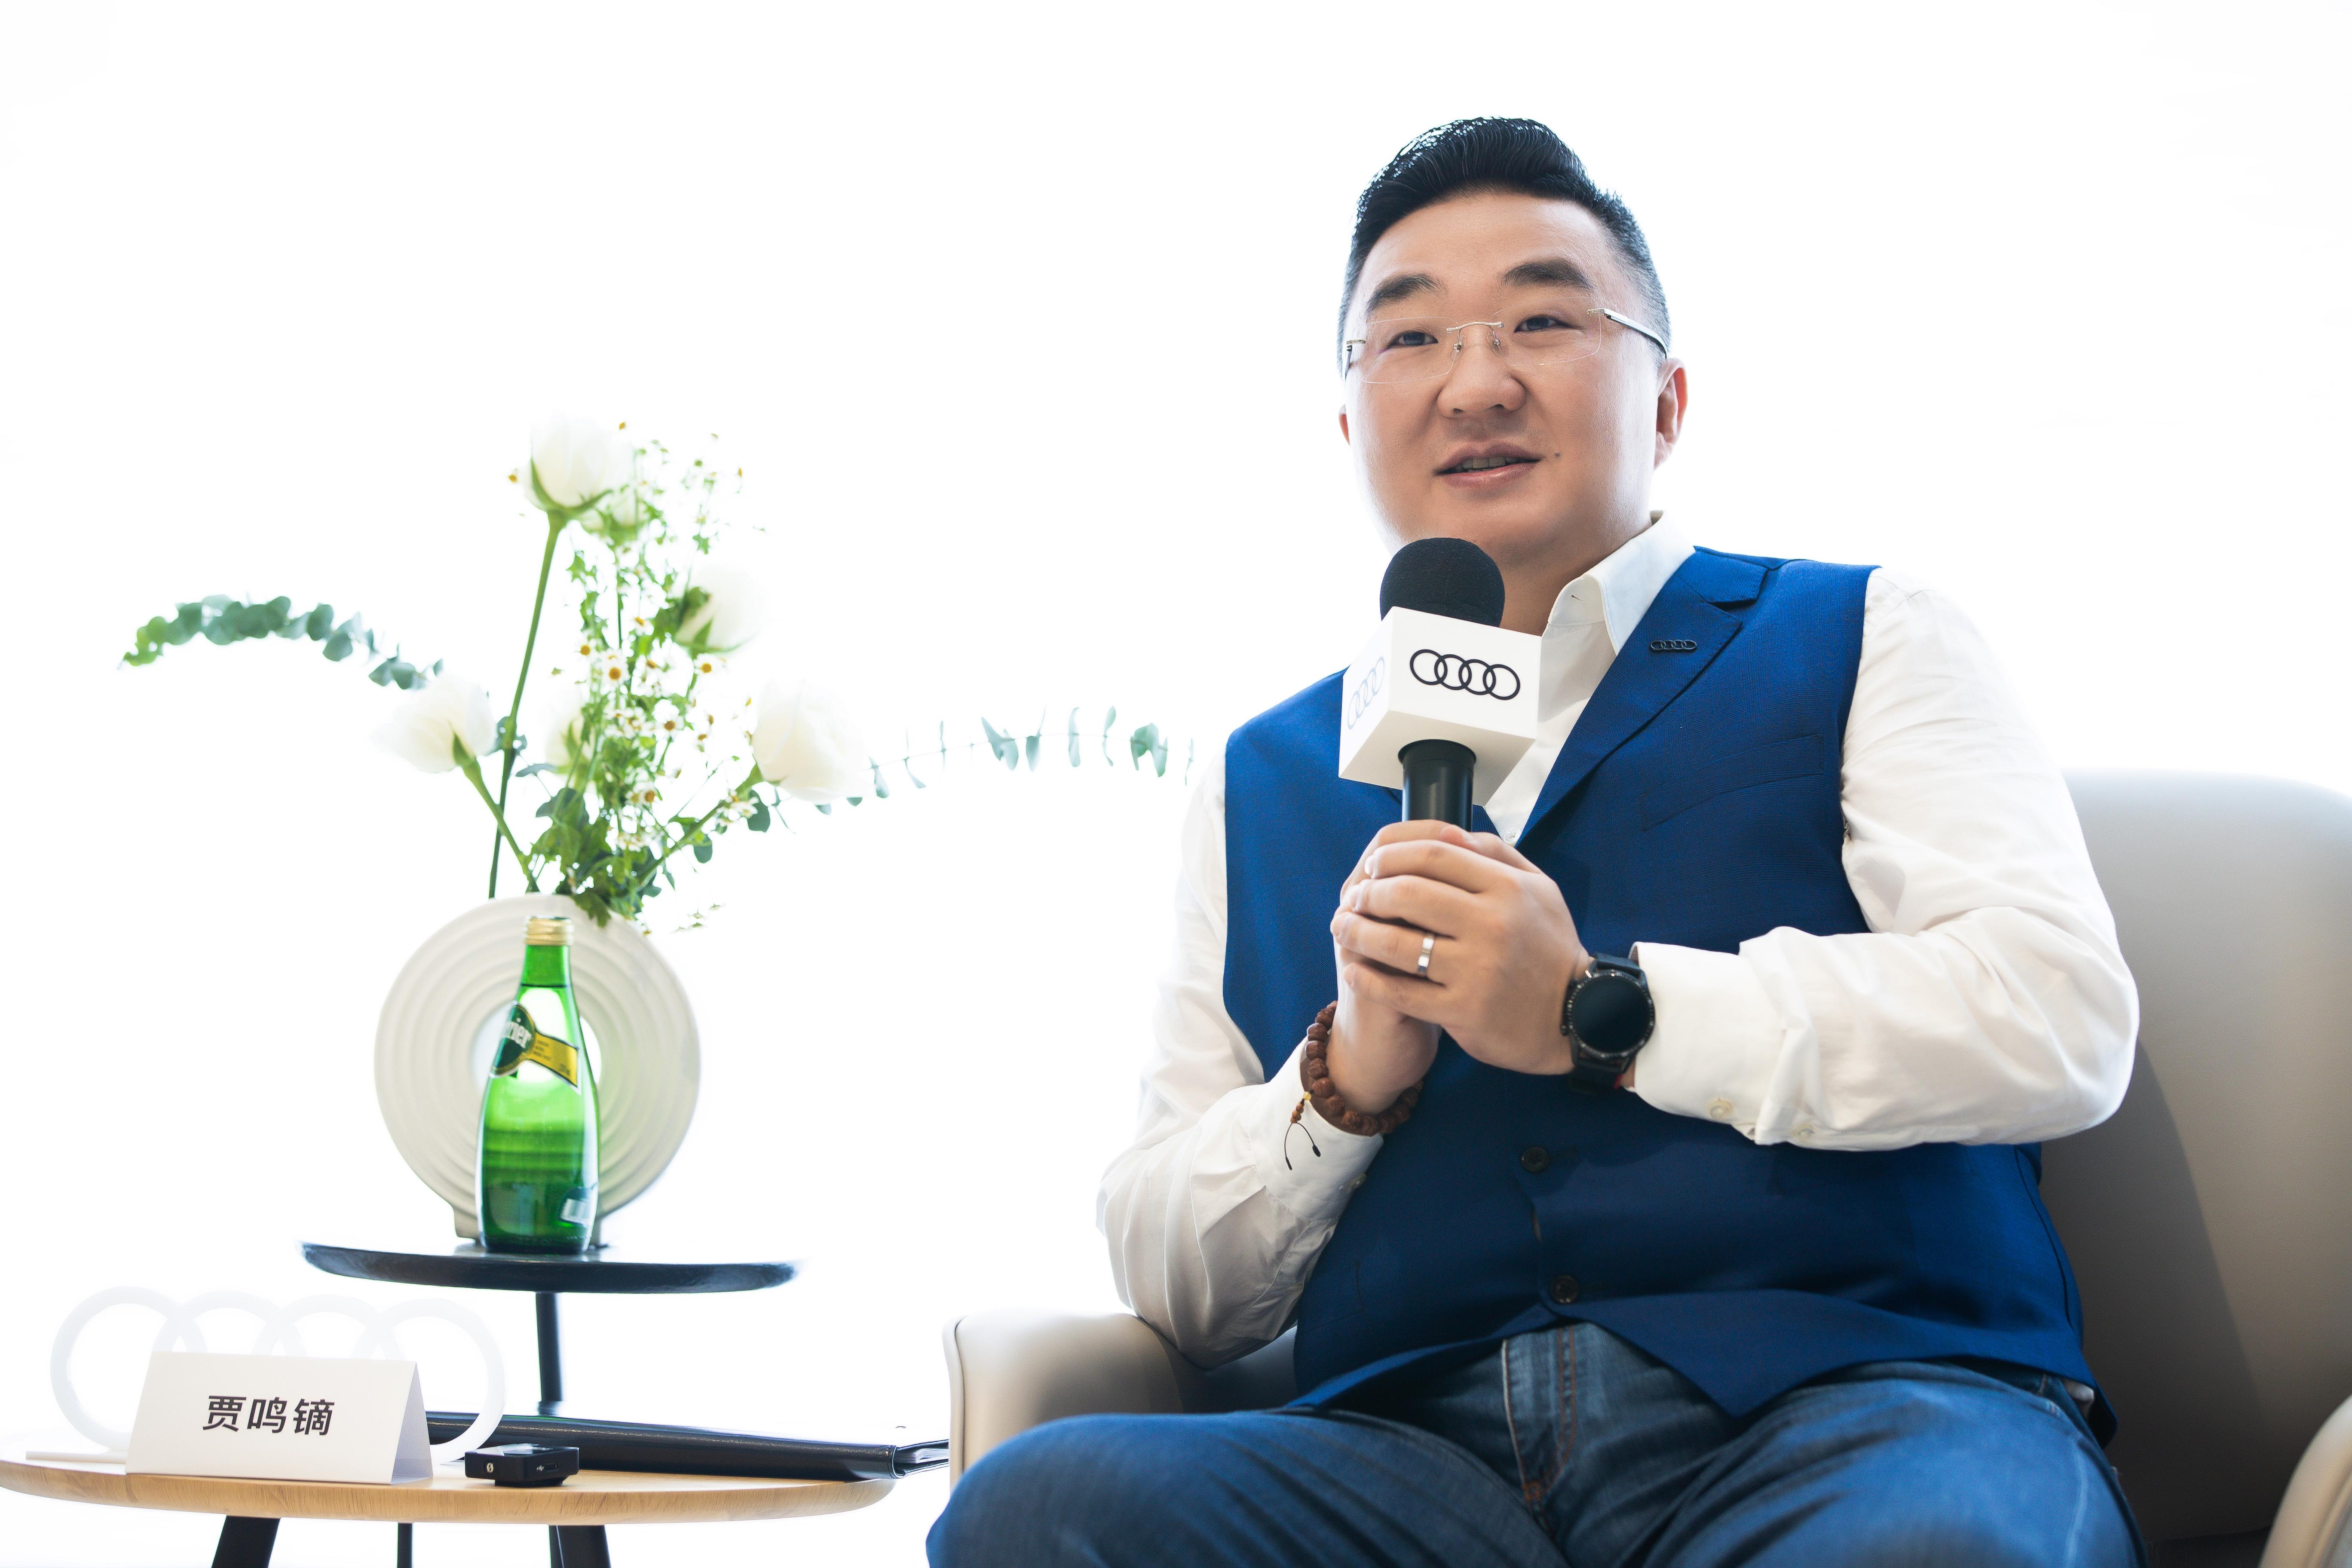 上汽奥迪营销事业总经理贾鸣镝